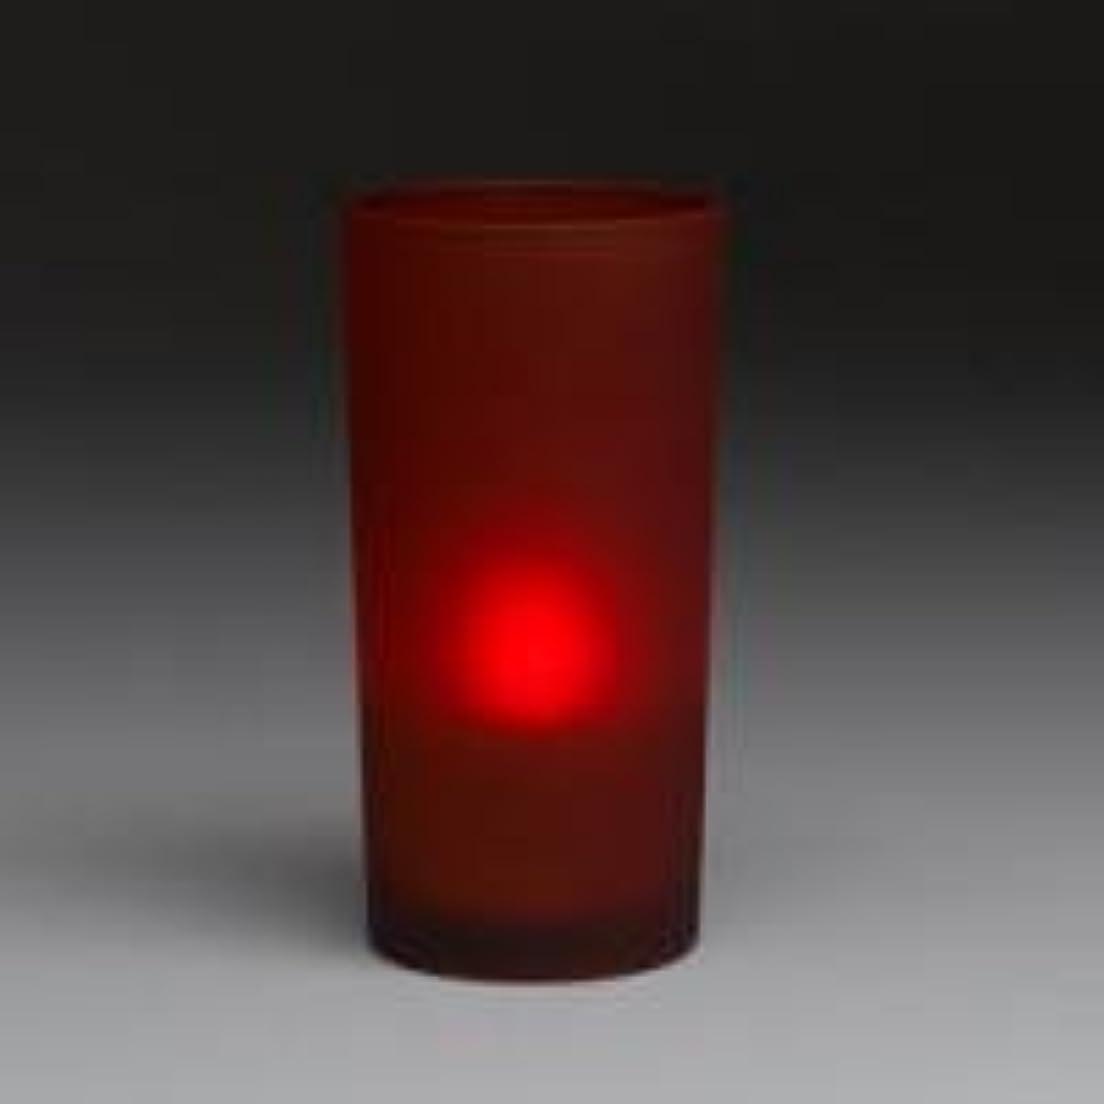 器用薬理学リストsmartcandle-LEDトールグラスキャンドル/レッド